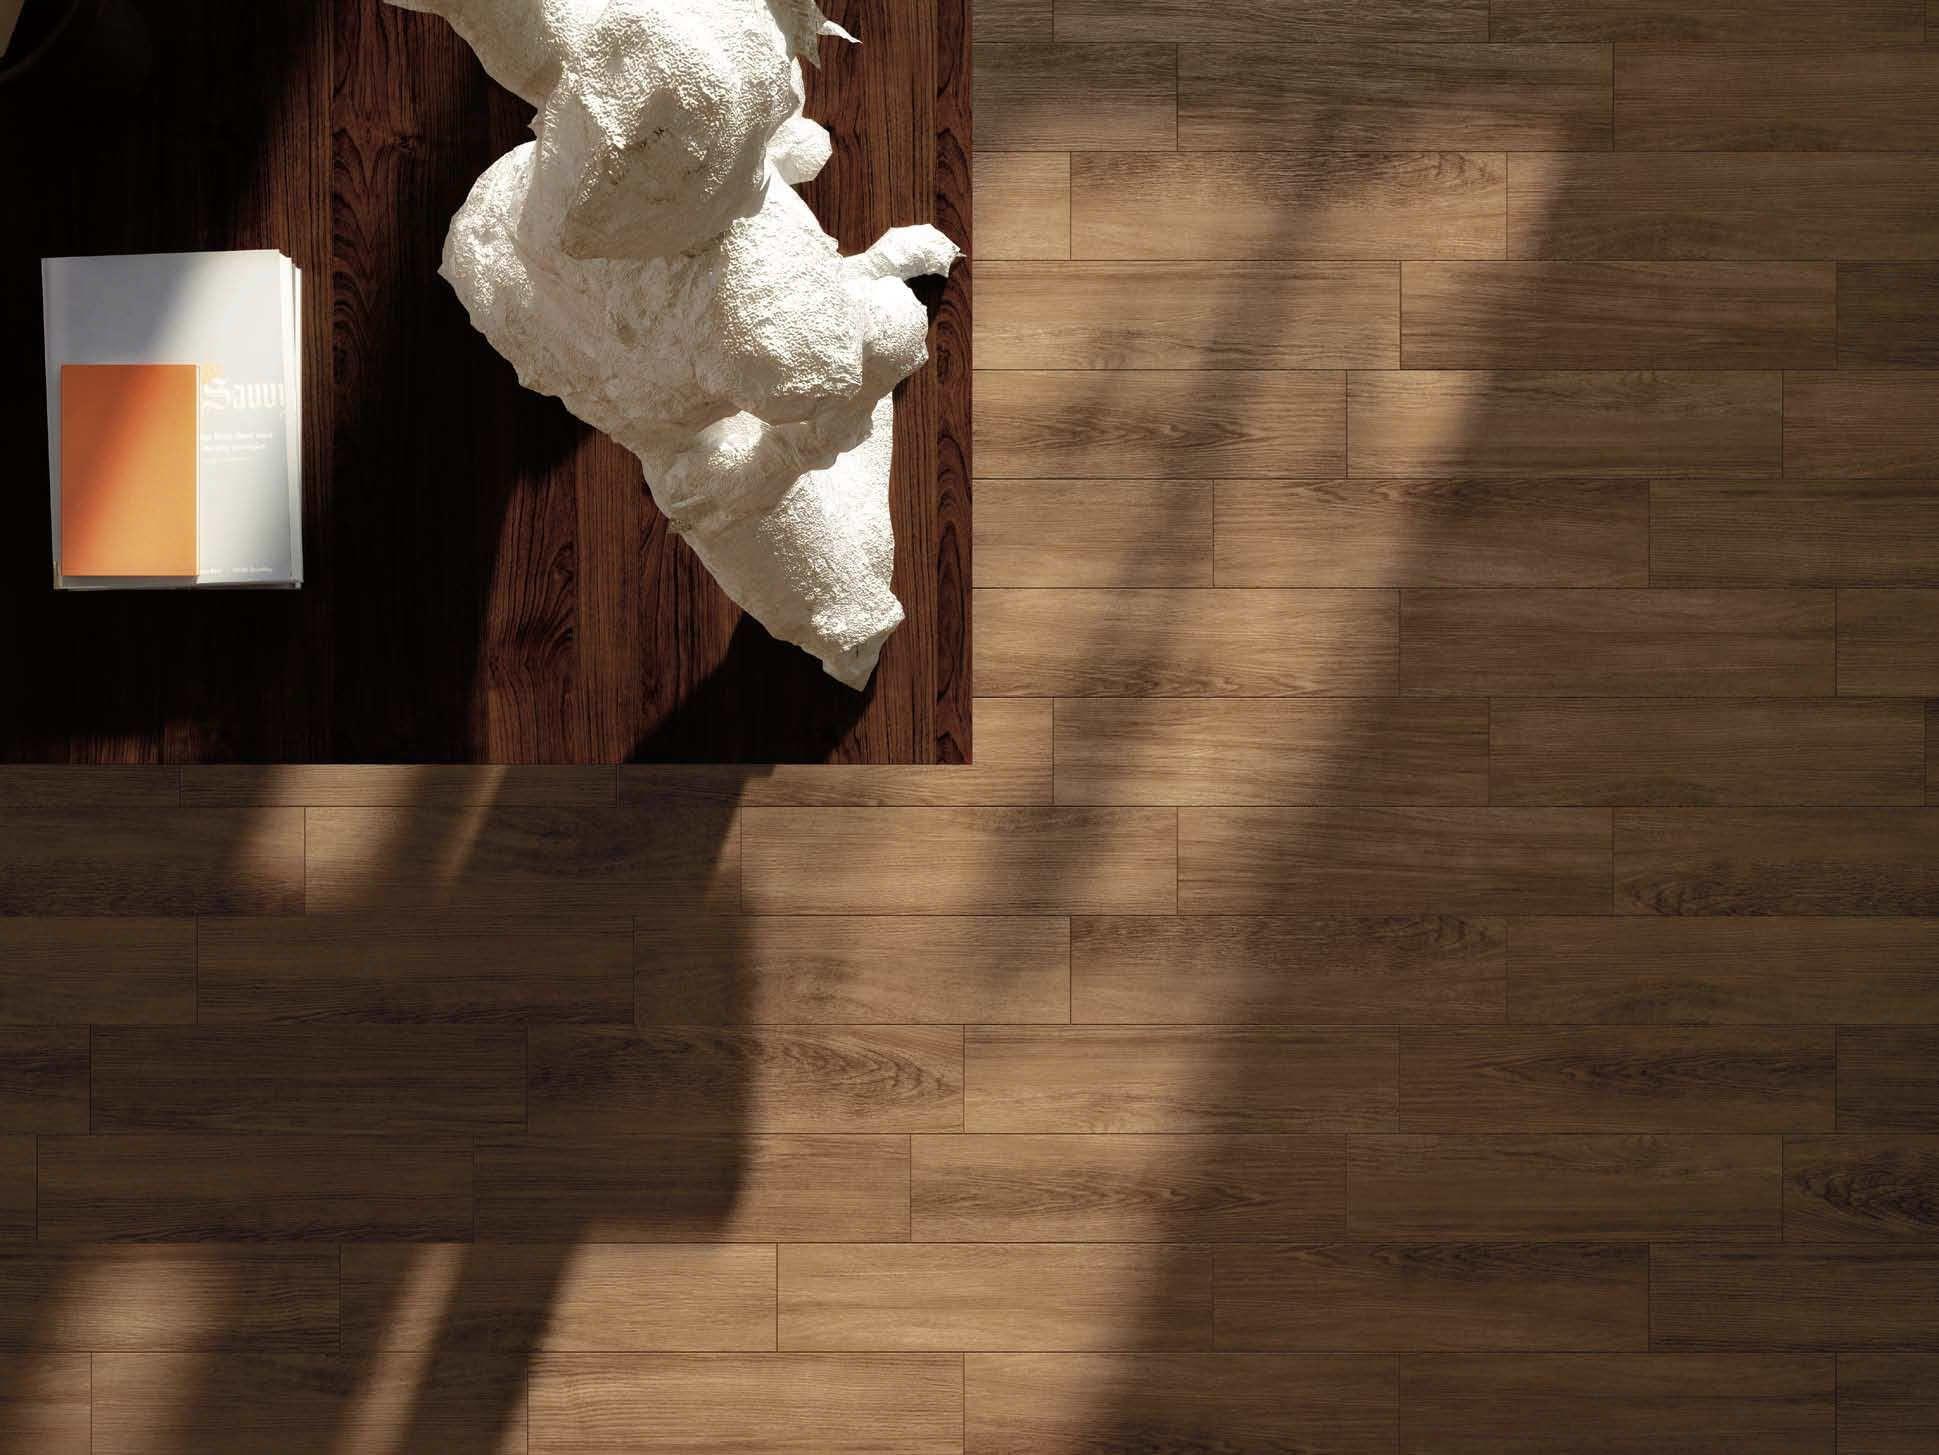 Baldosa Suelo Gres Porcelanico Interior Imitacion Parquet 11534  ~ Baldosas Imitacion Madera Precios